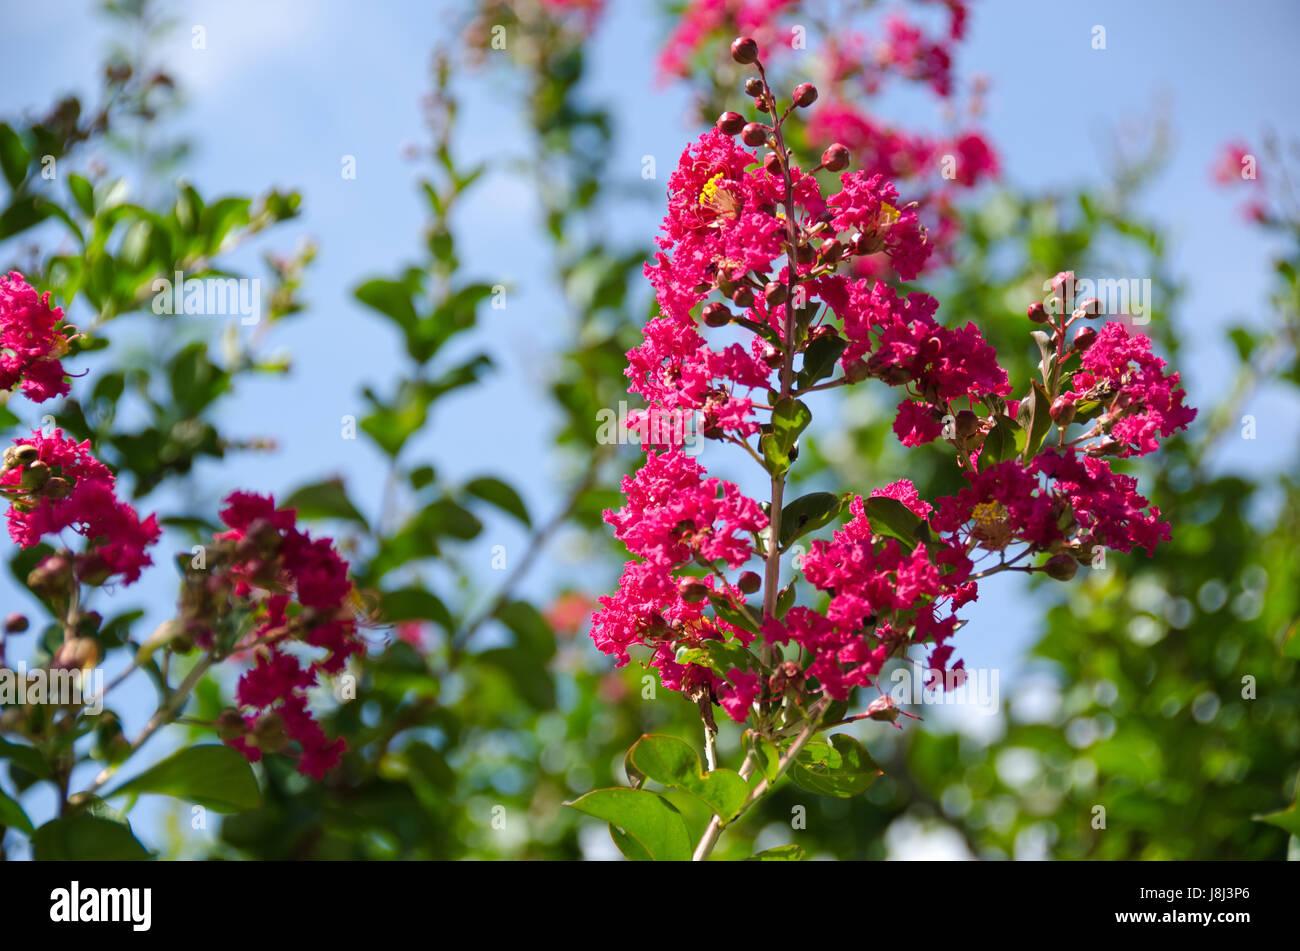 arbre, fleur, fleurs, plantes, myrtle, rouge, belle, beauteously